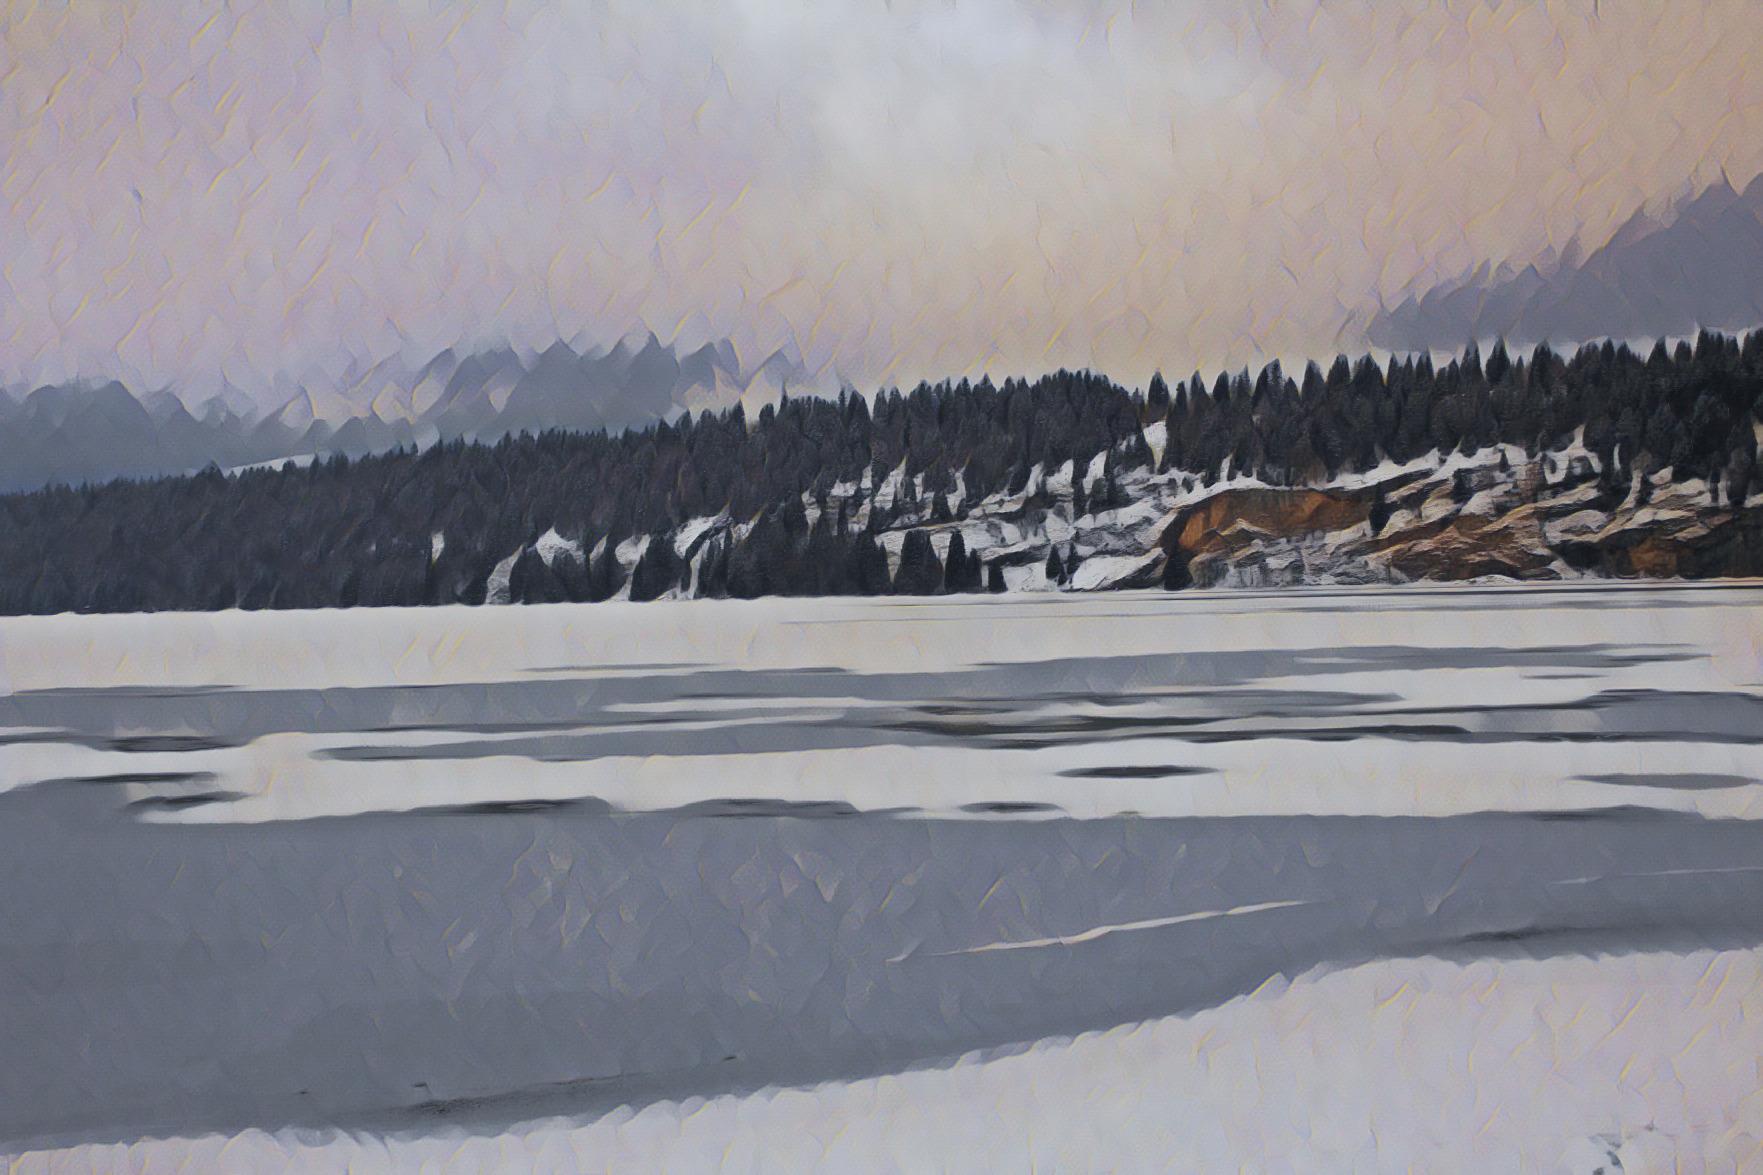 Frozen Lake Ride